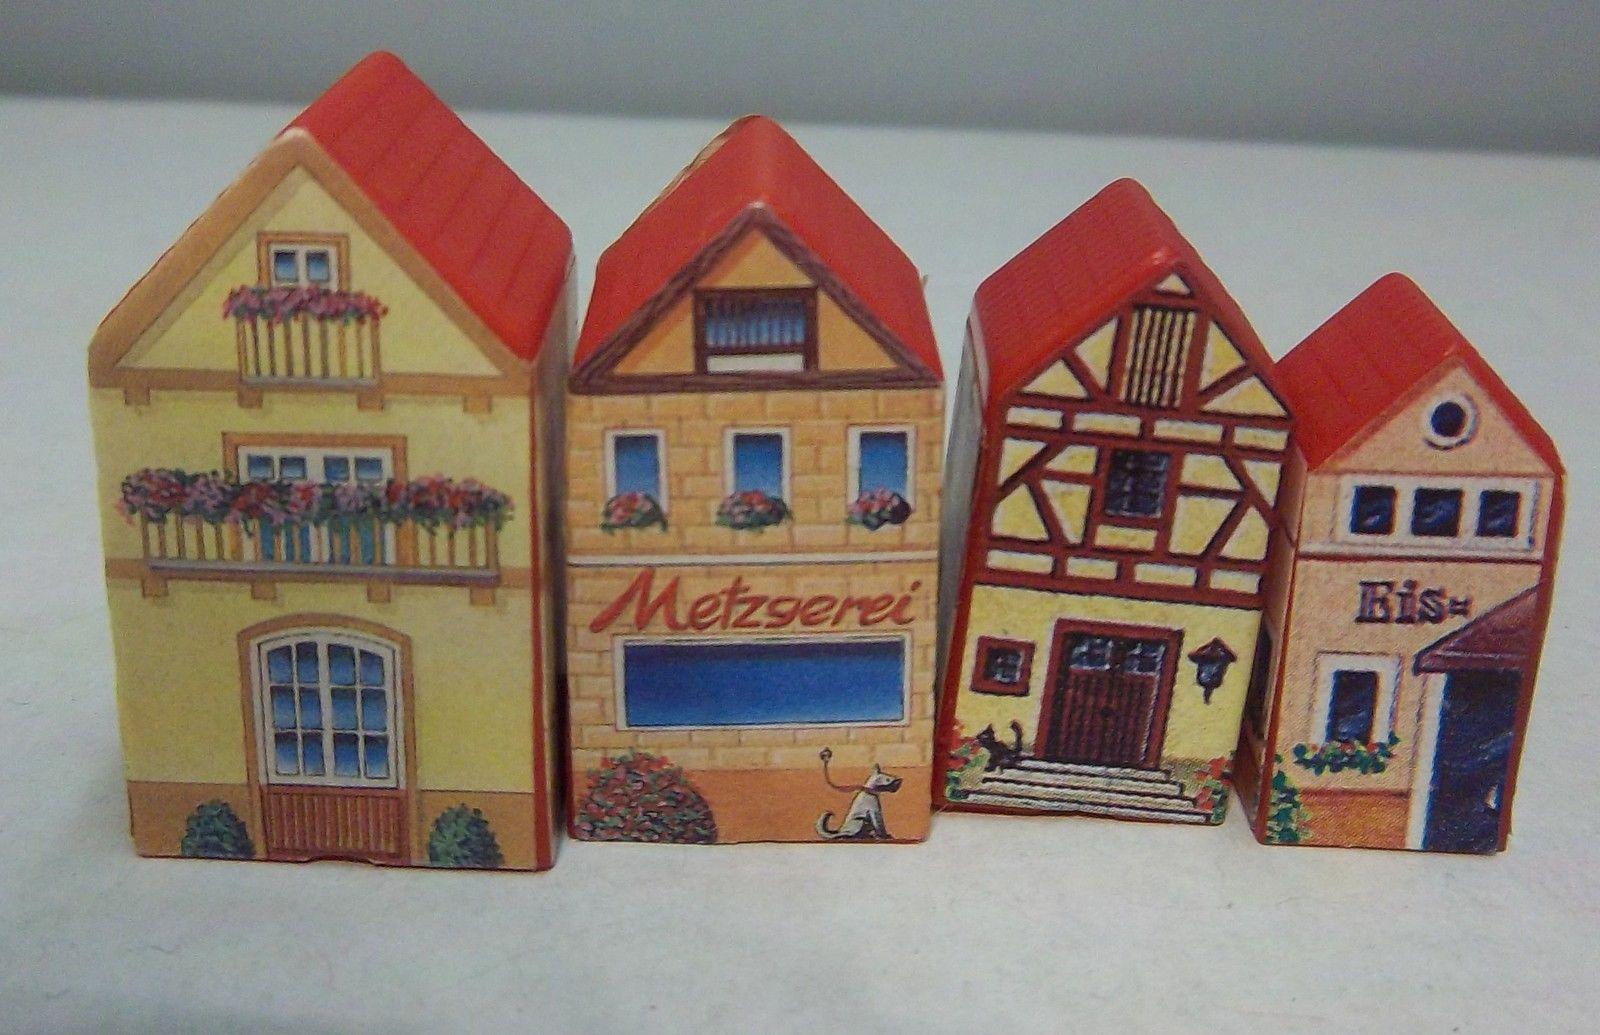 Ü EI Häuser Unsere Kleine Stadt 1993 1998 Häuser AKF Zum Wählen   eBay